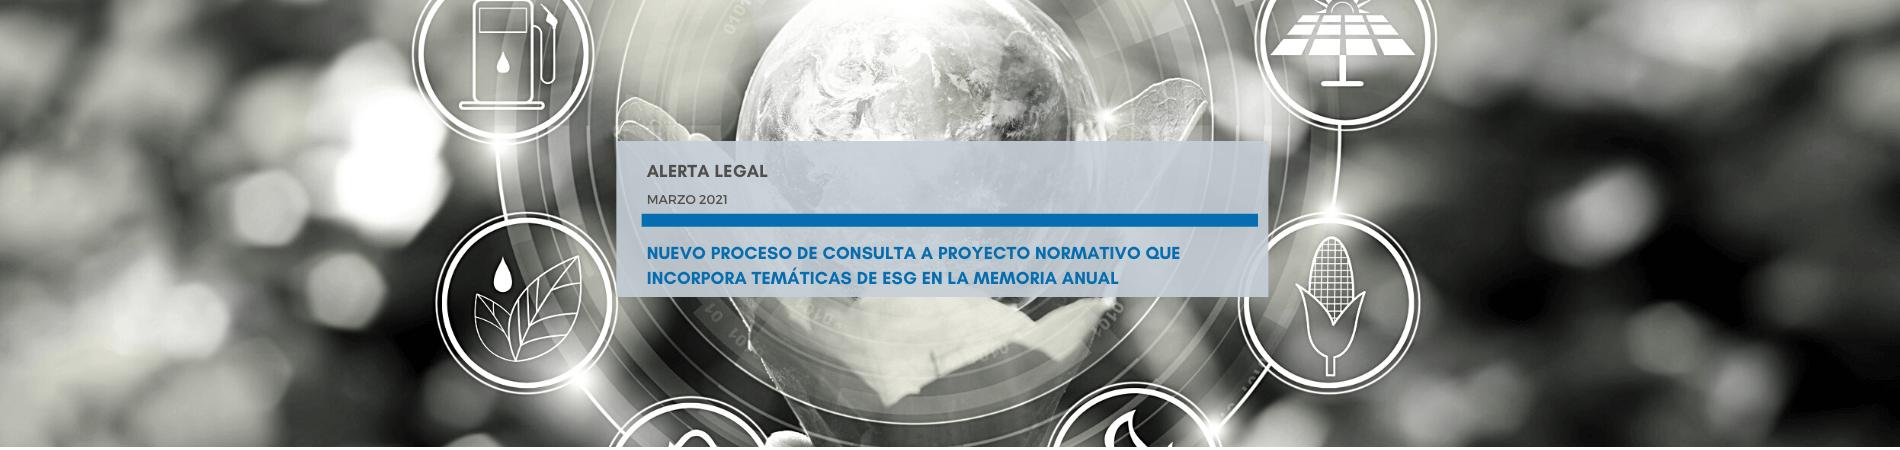 Alerta Legal | Nuevo proceso de consulta a proyecto normativo que incorpora temáticas de ESG en la memoria anual